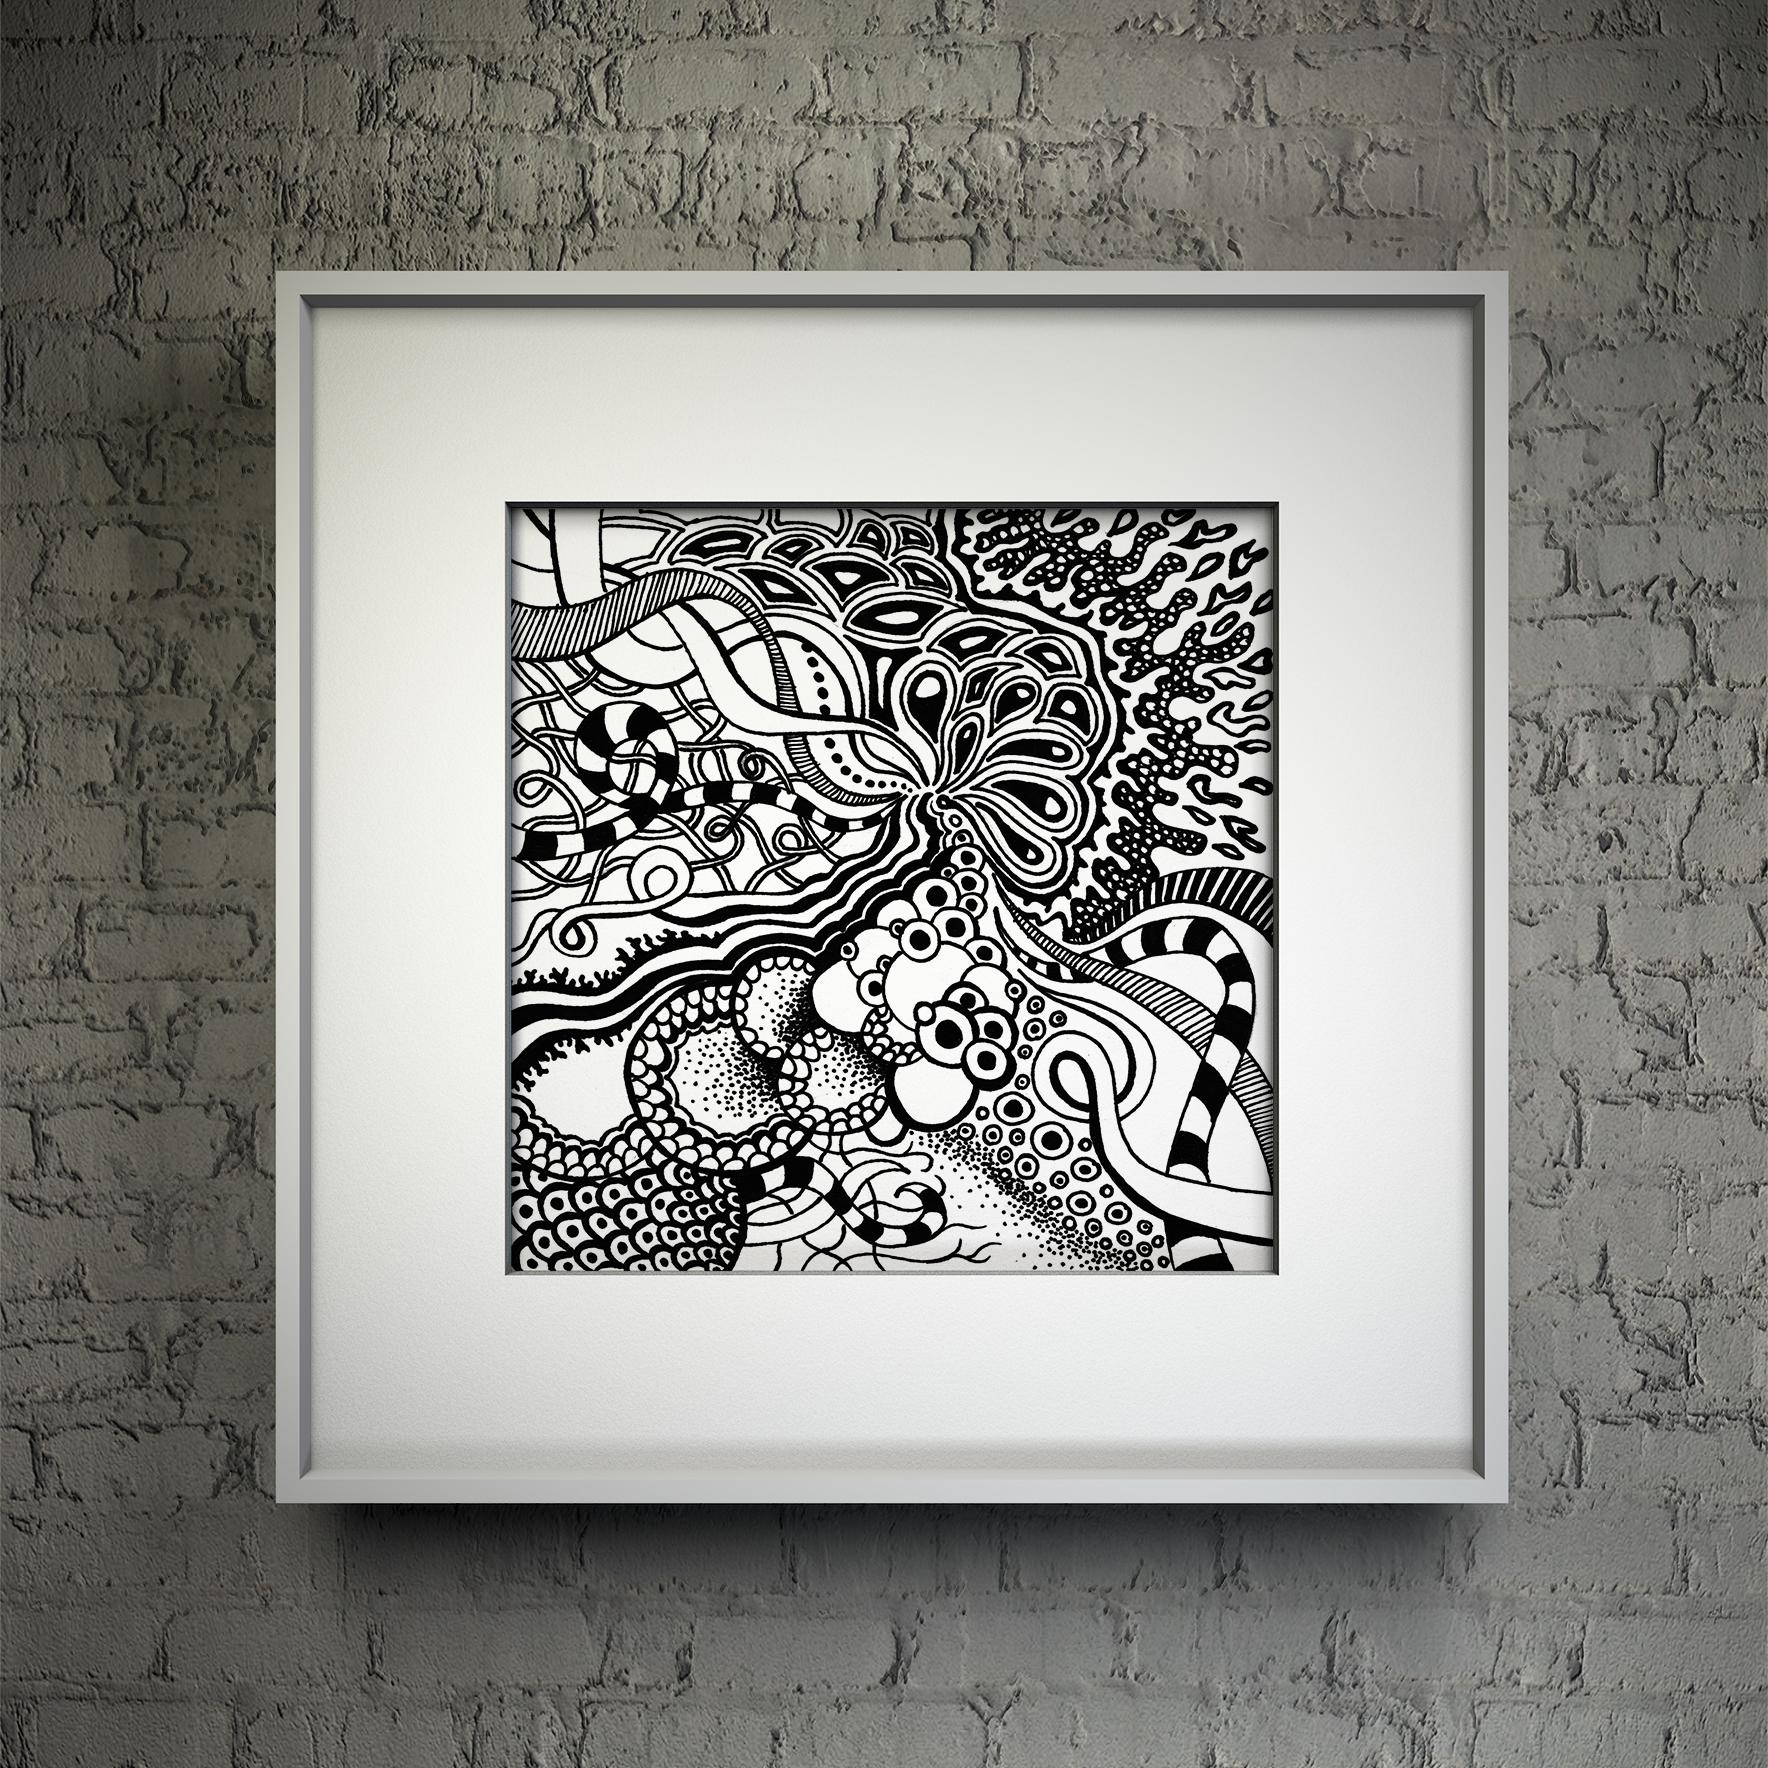 doodle3_framed.jpg